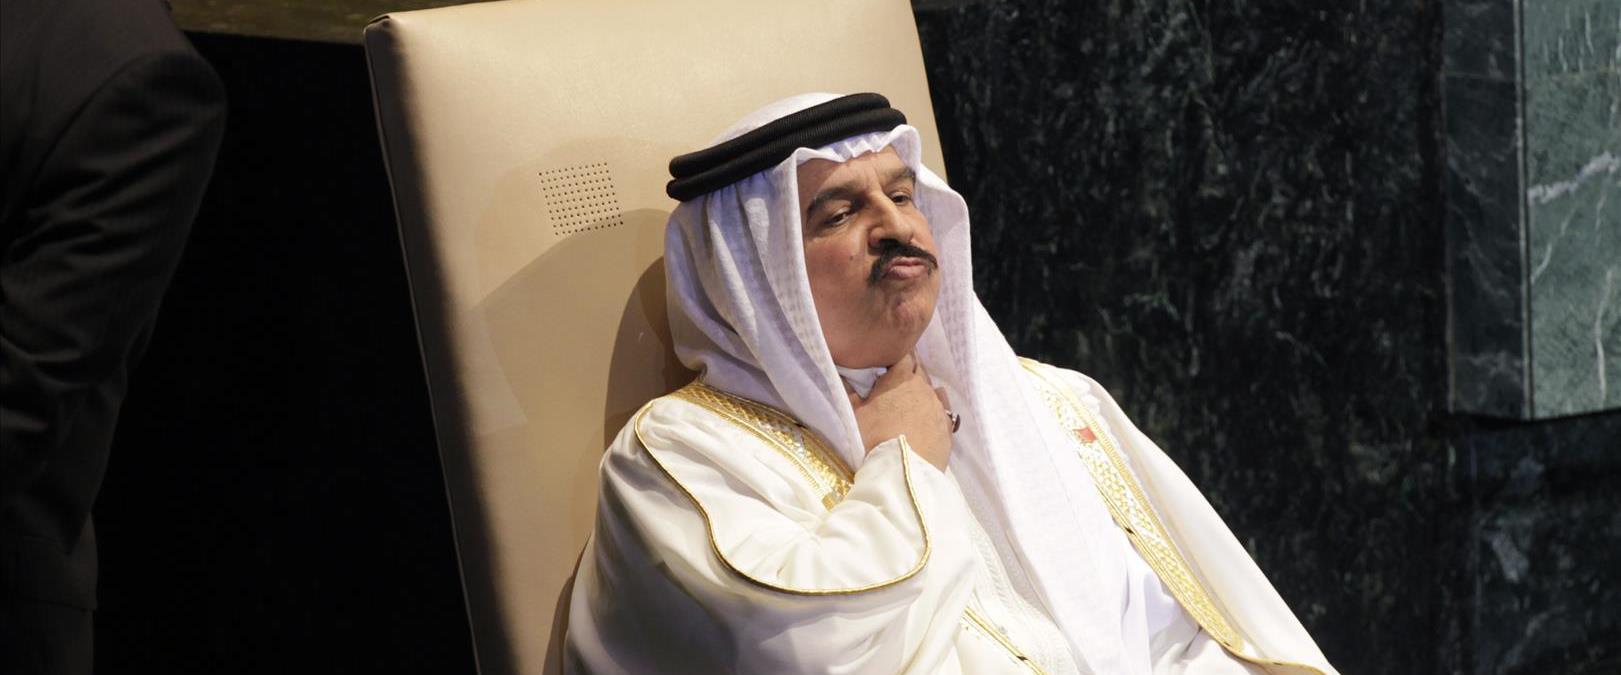 """מלך בחריין בן עיסא בעצרת האו""""ם, 2011"""